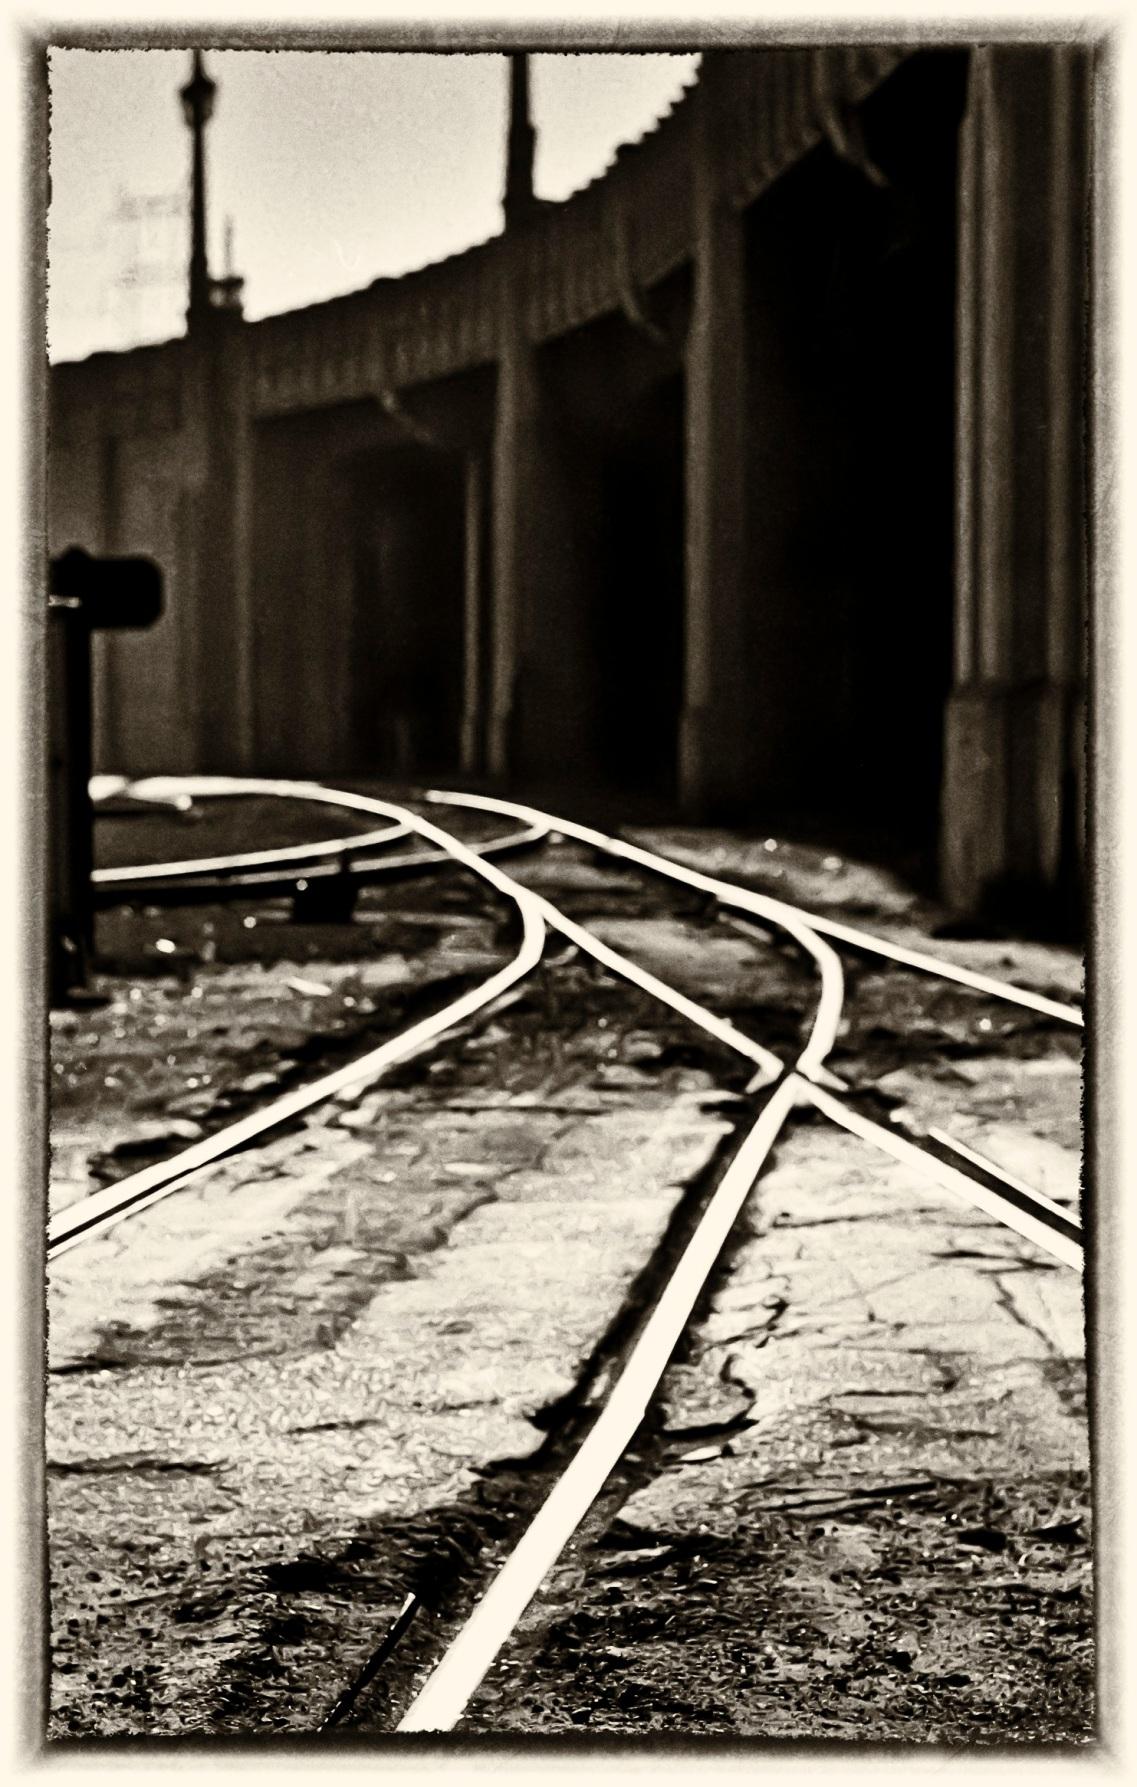 Train Tracks cop[yright 1972 Danewil D. Teoli Jr.  mr